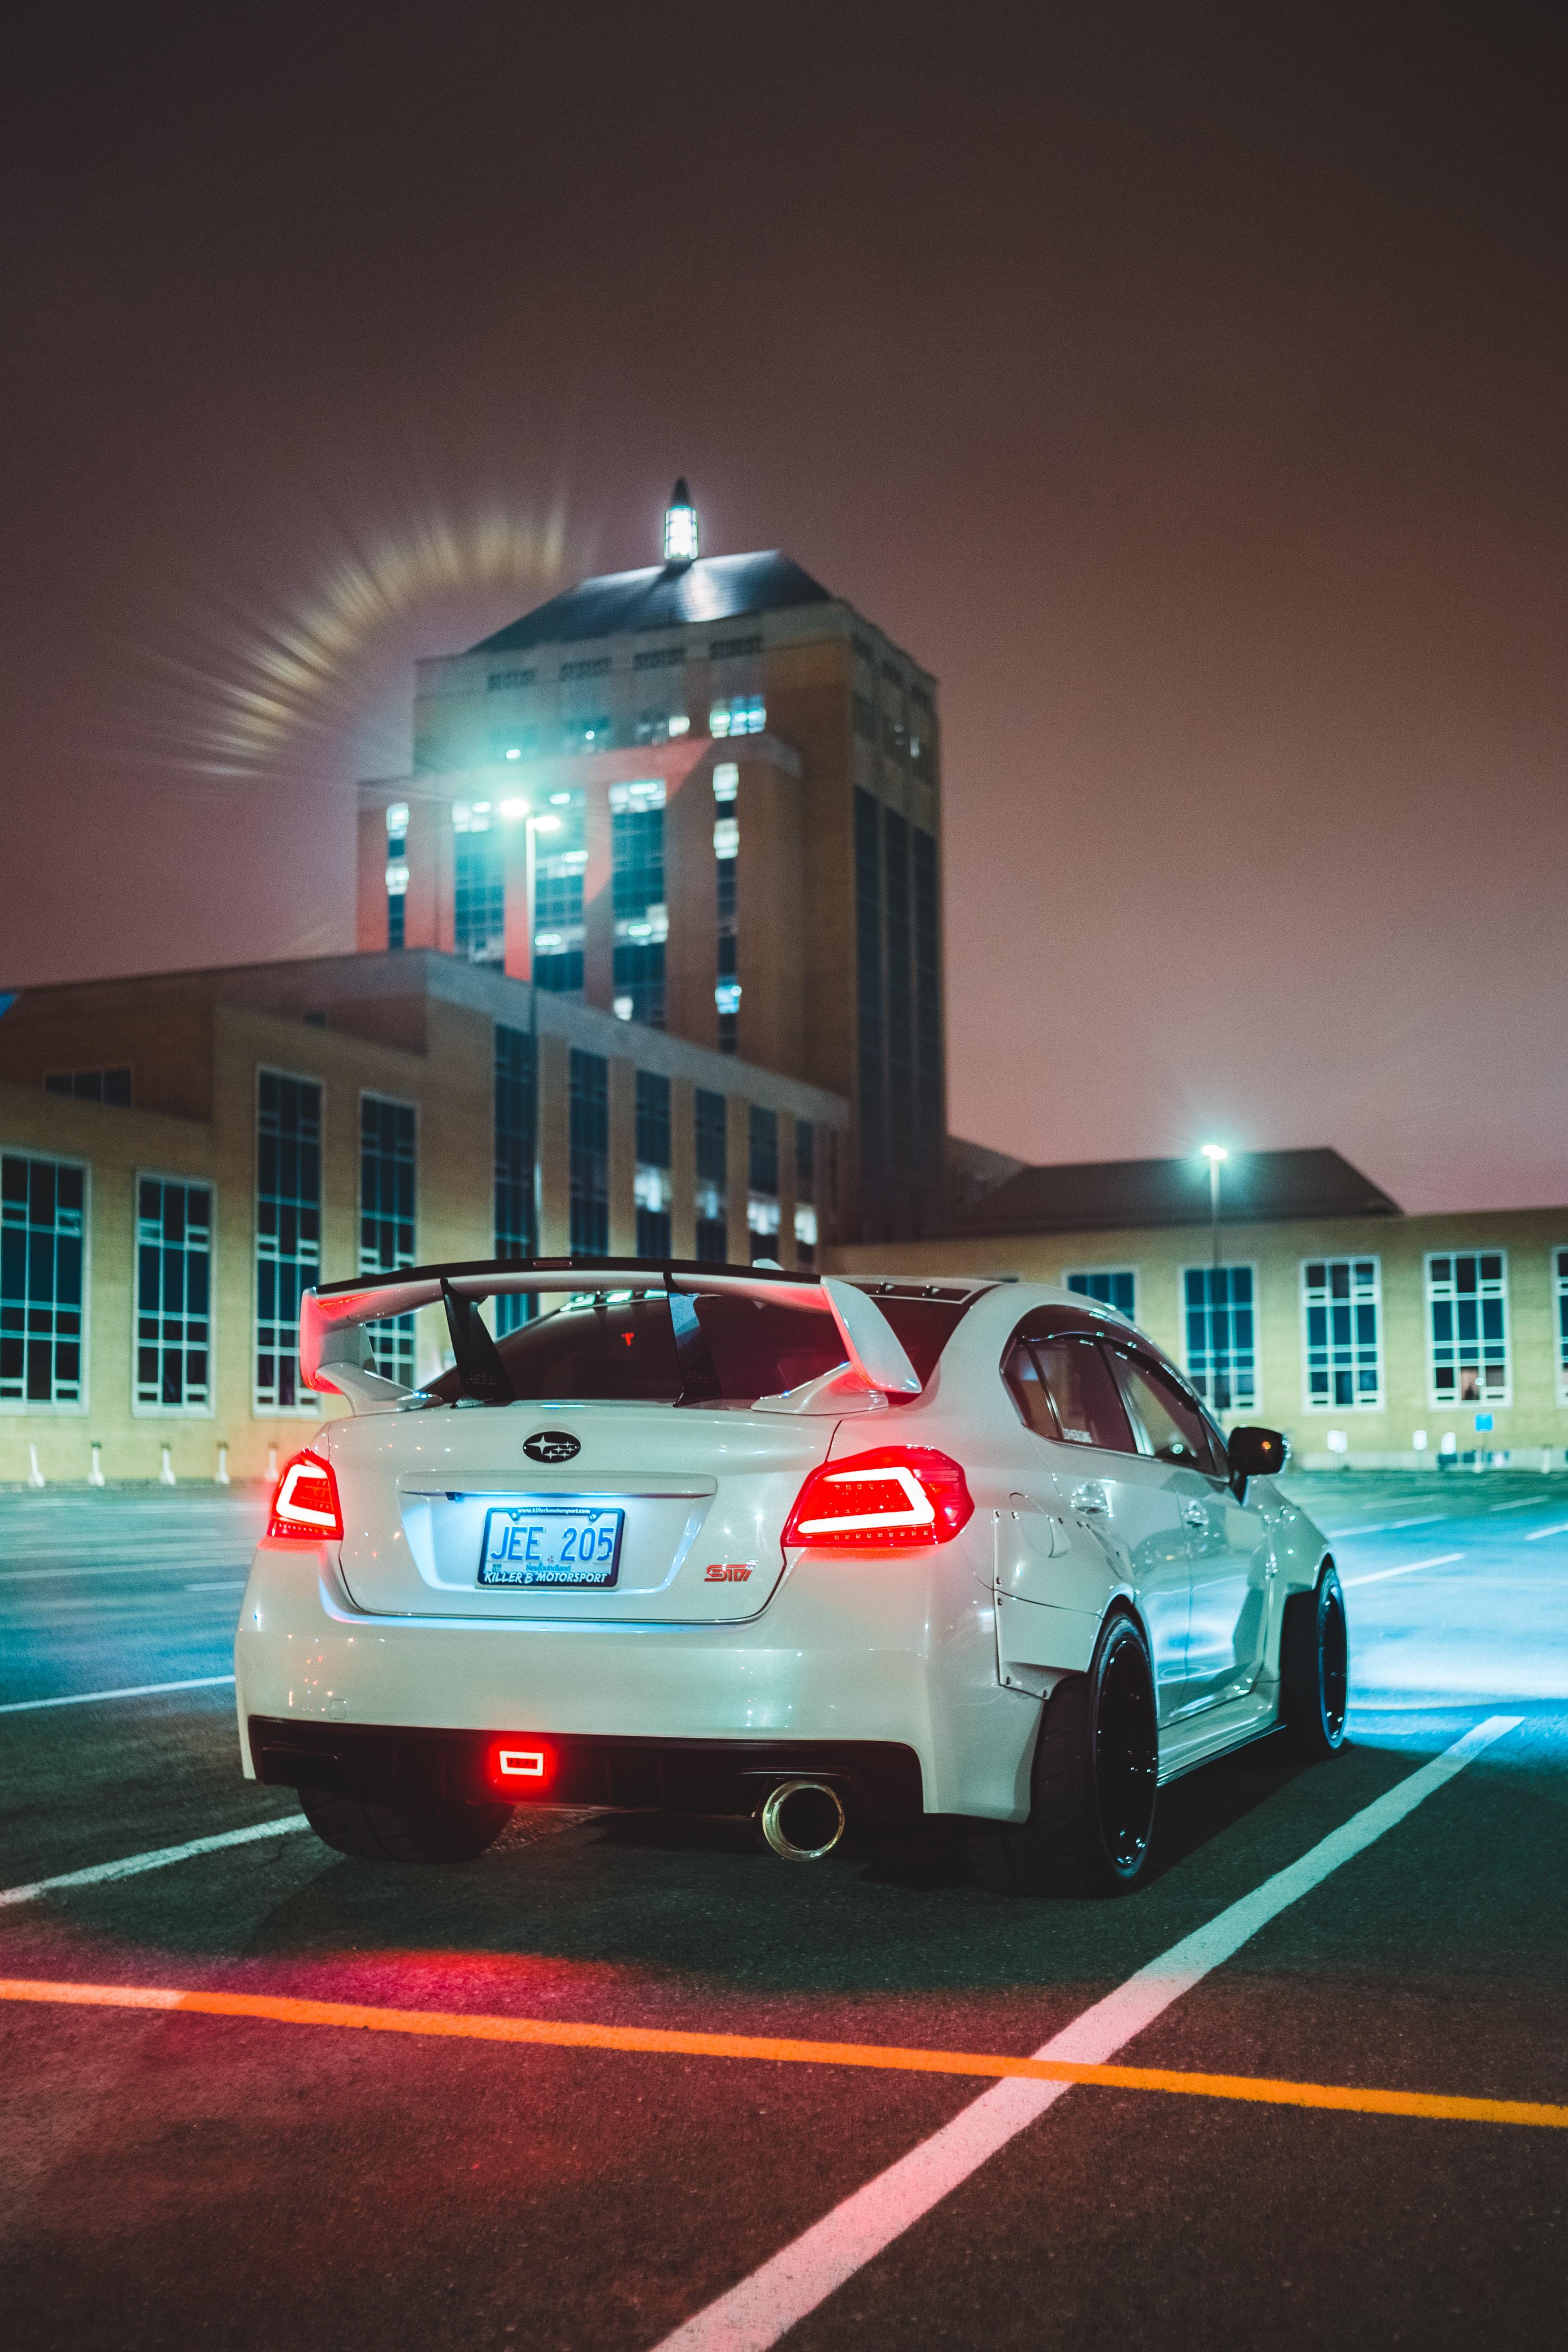 127807 Screensavers and Wallpapers Subaru for phone. Download Subaru, Cars, Car, Back View, Rear View, Spoiler, Subaru Sti pictures for free